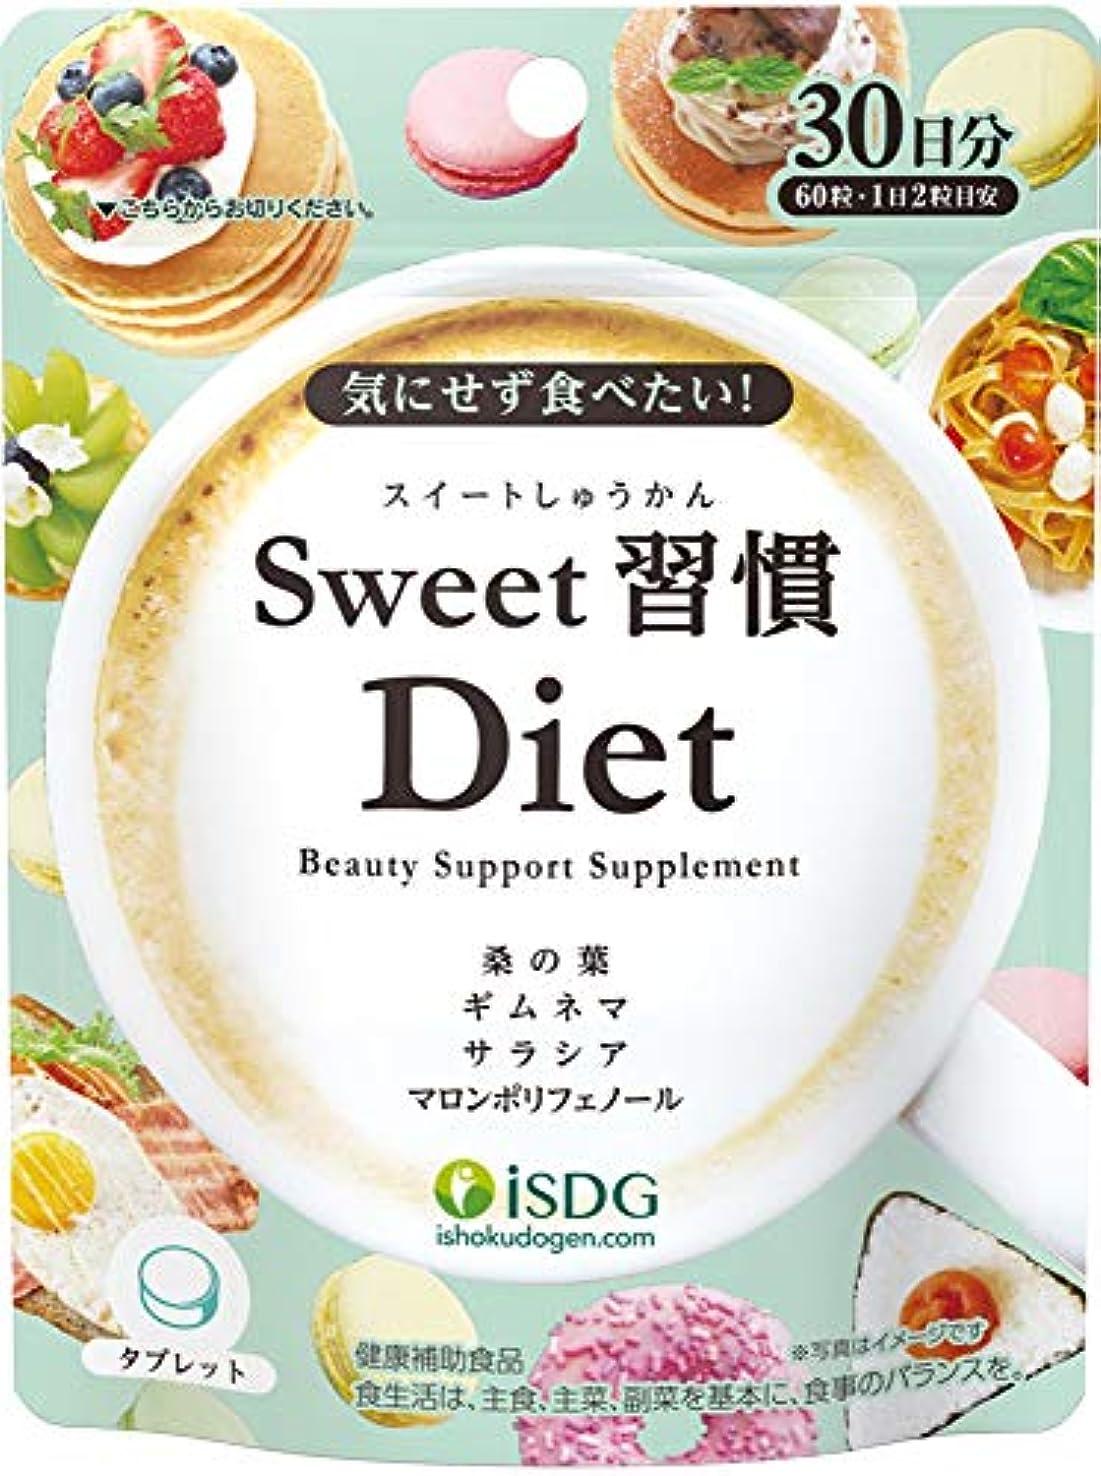 絶滅させる無視和解するISDG 医食同源ドットコム Sweet習慣Diet サプリメント [ 桑の葉 ギムネマ サラシア マロンポリフェノール] 日本製 60粒 30日分